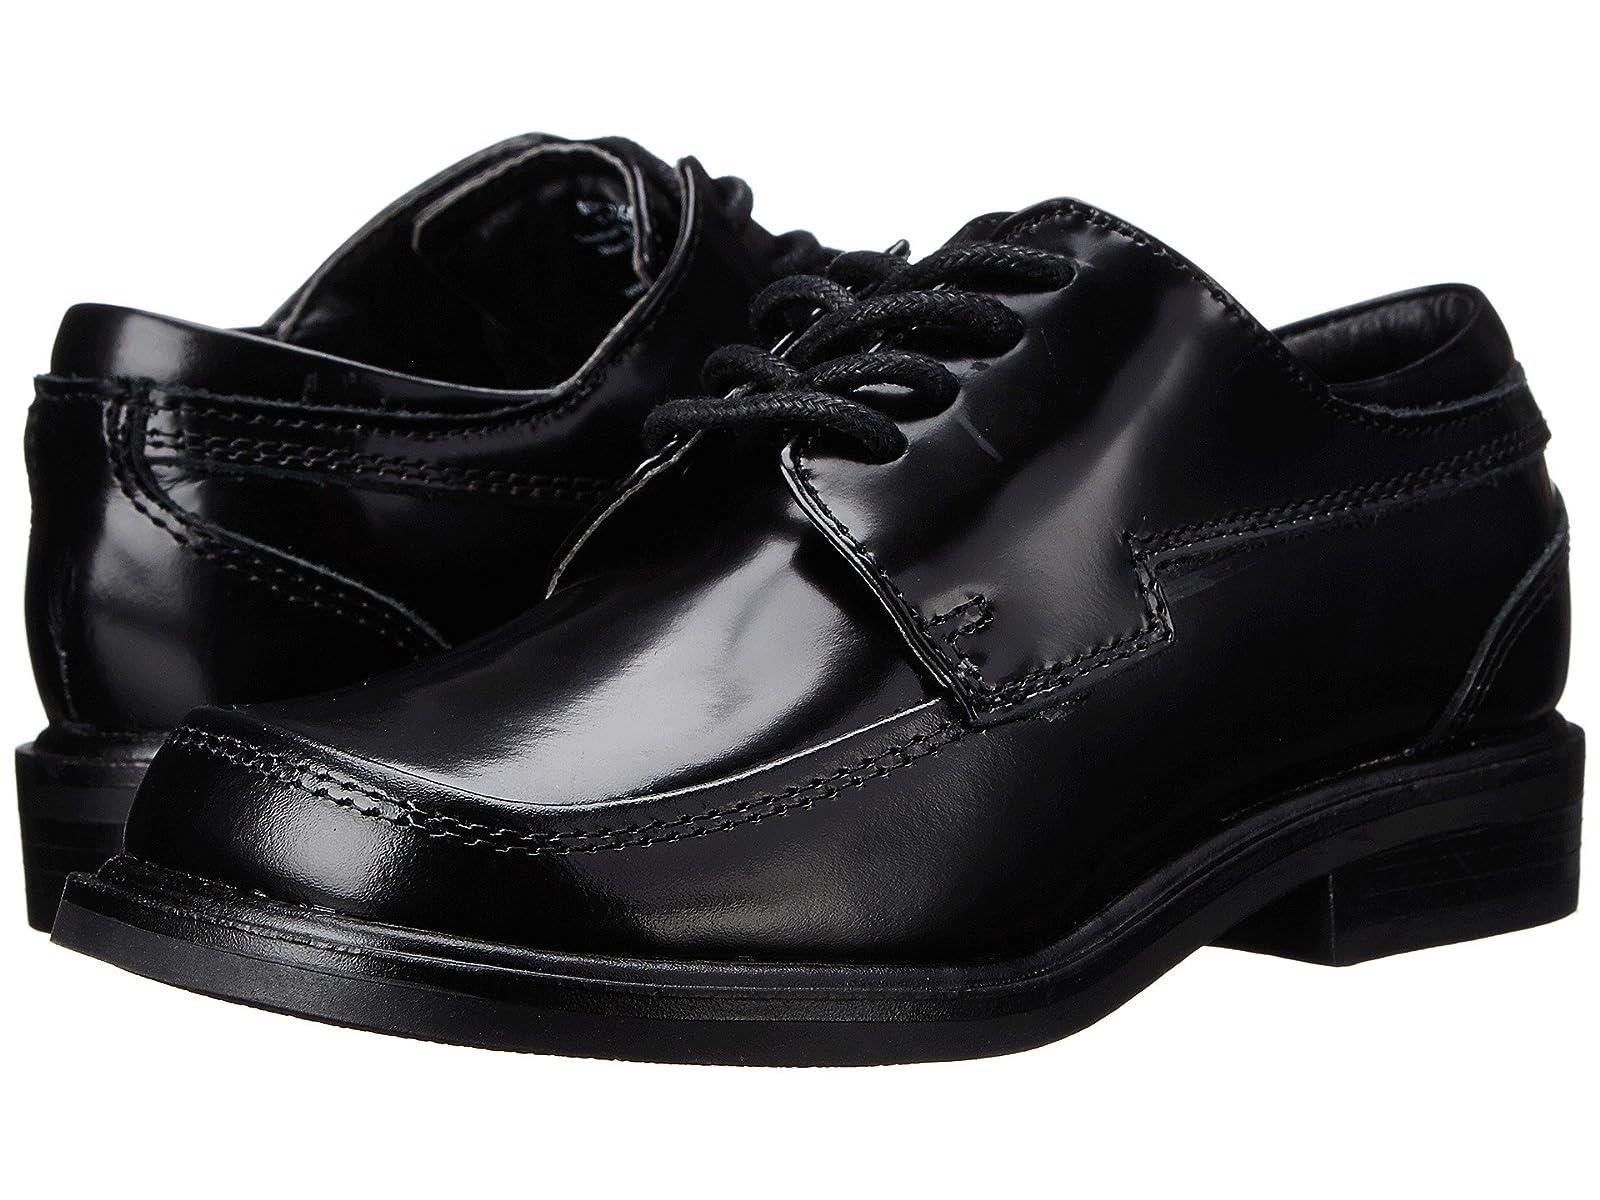 Kenneth Cole Reaction Kids T-Flex Sr (Little Kid/Big Kid)Atmospheric grades have affordable shoes